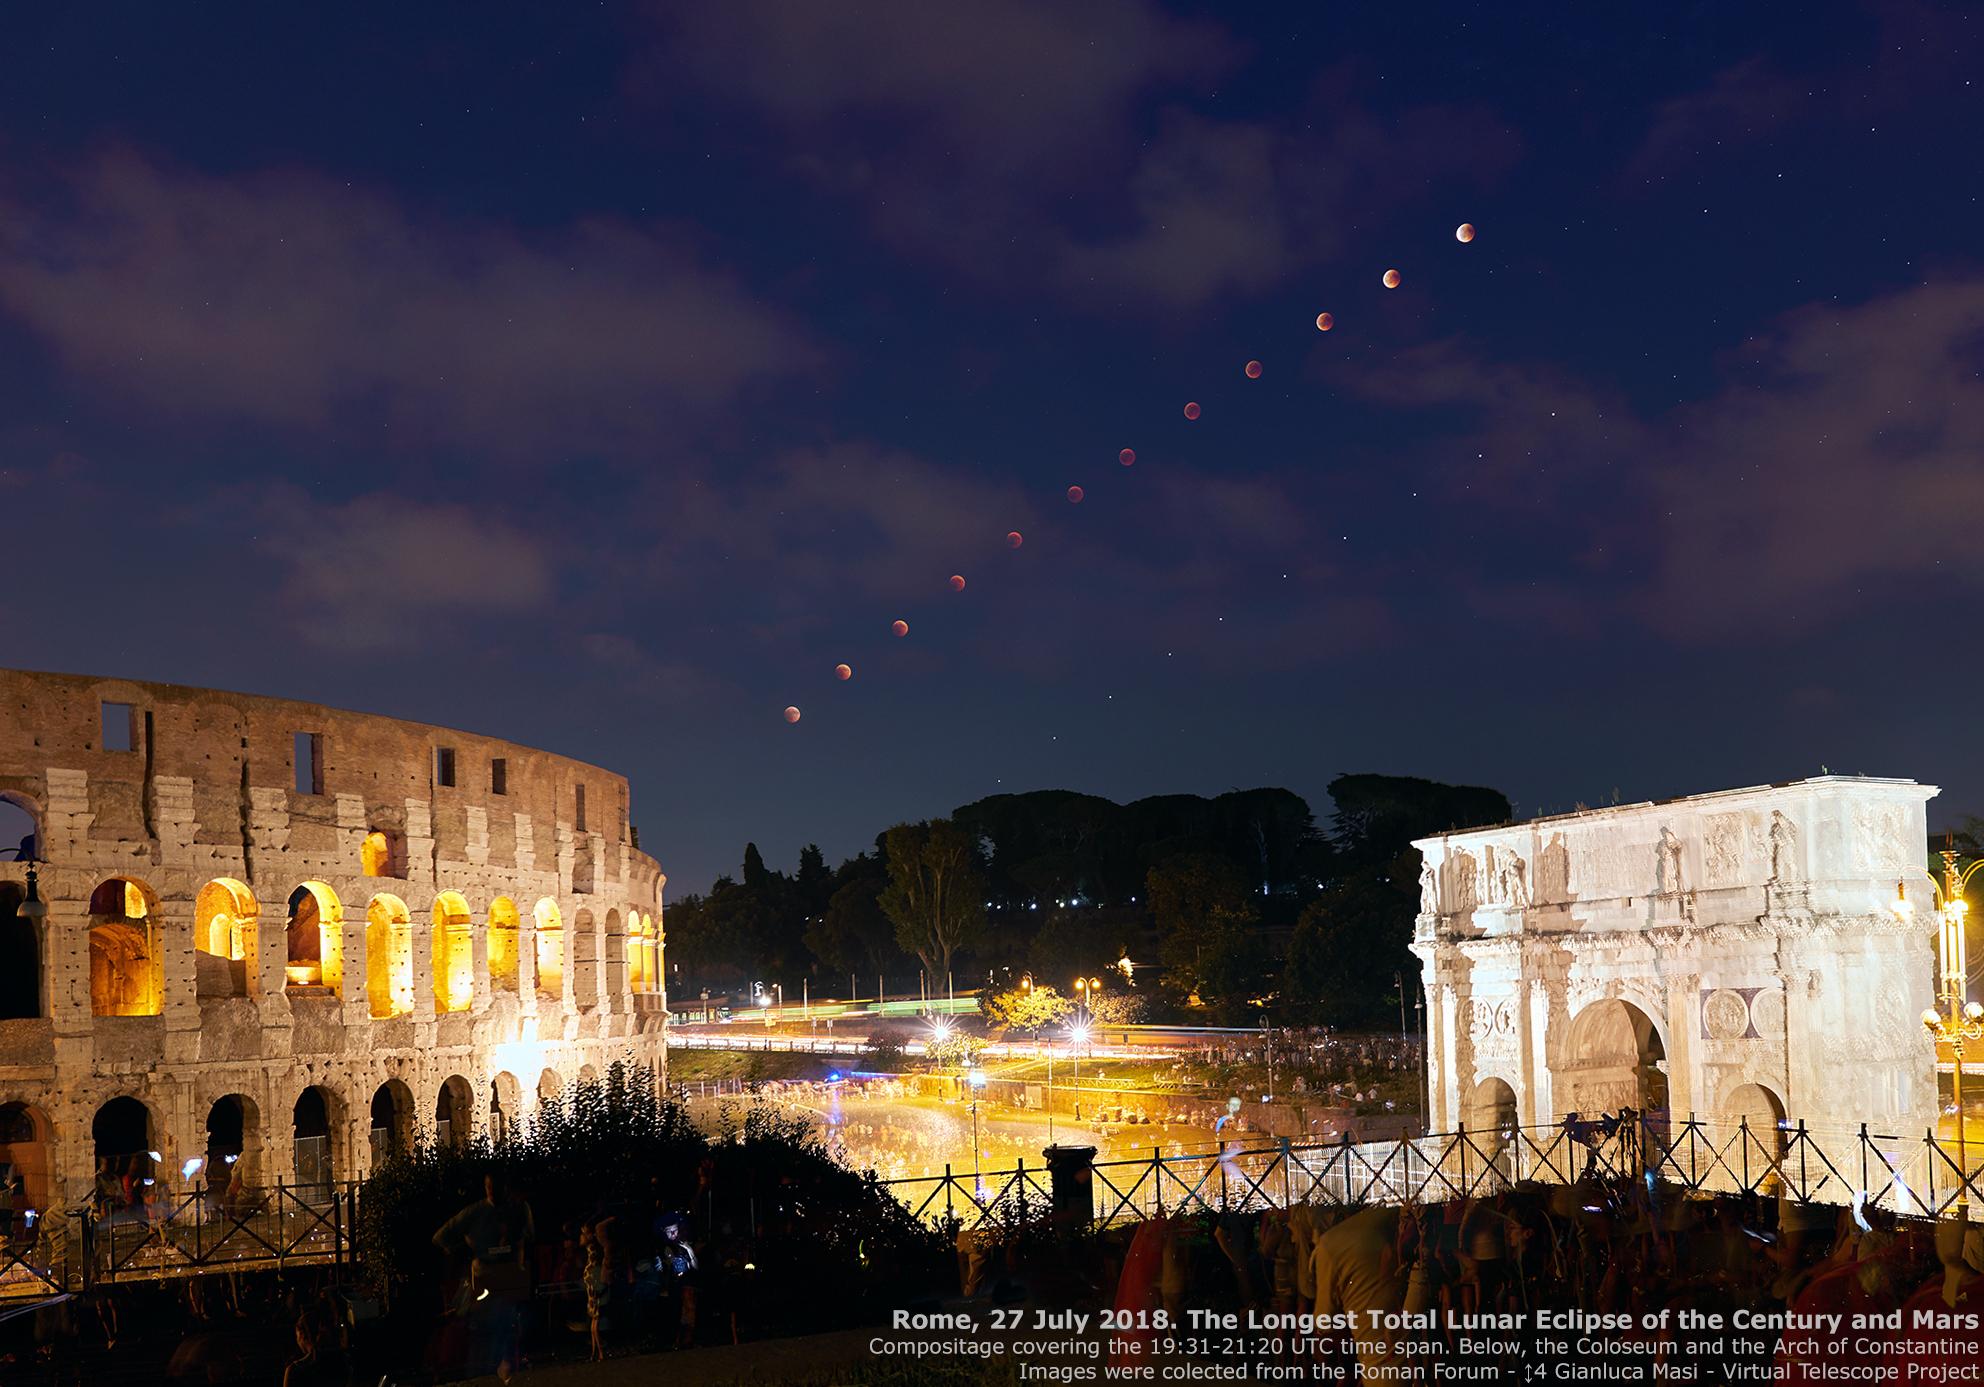 21 Gennaio 2019 Eclissi Totale Di Super Luna Guida All